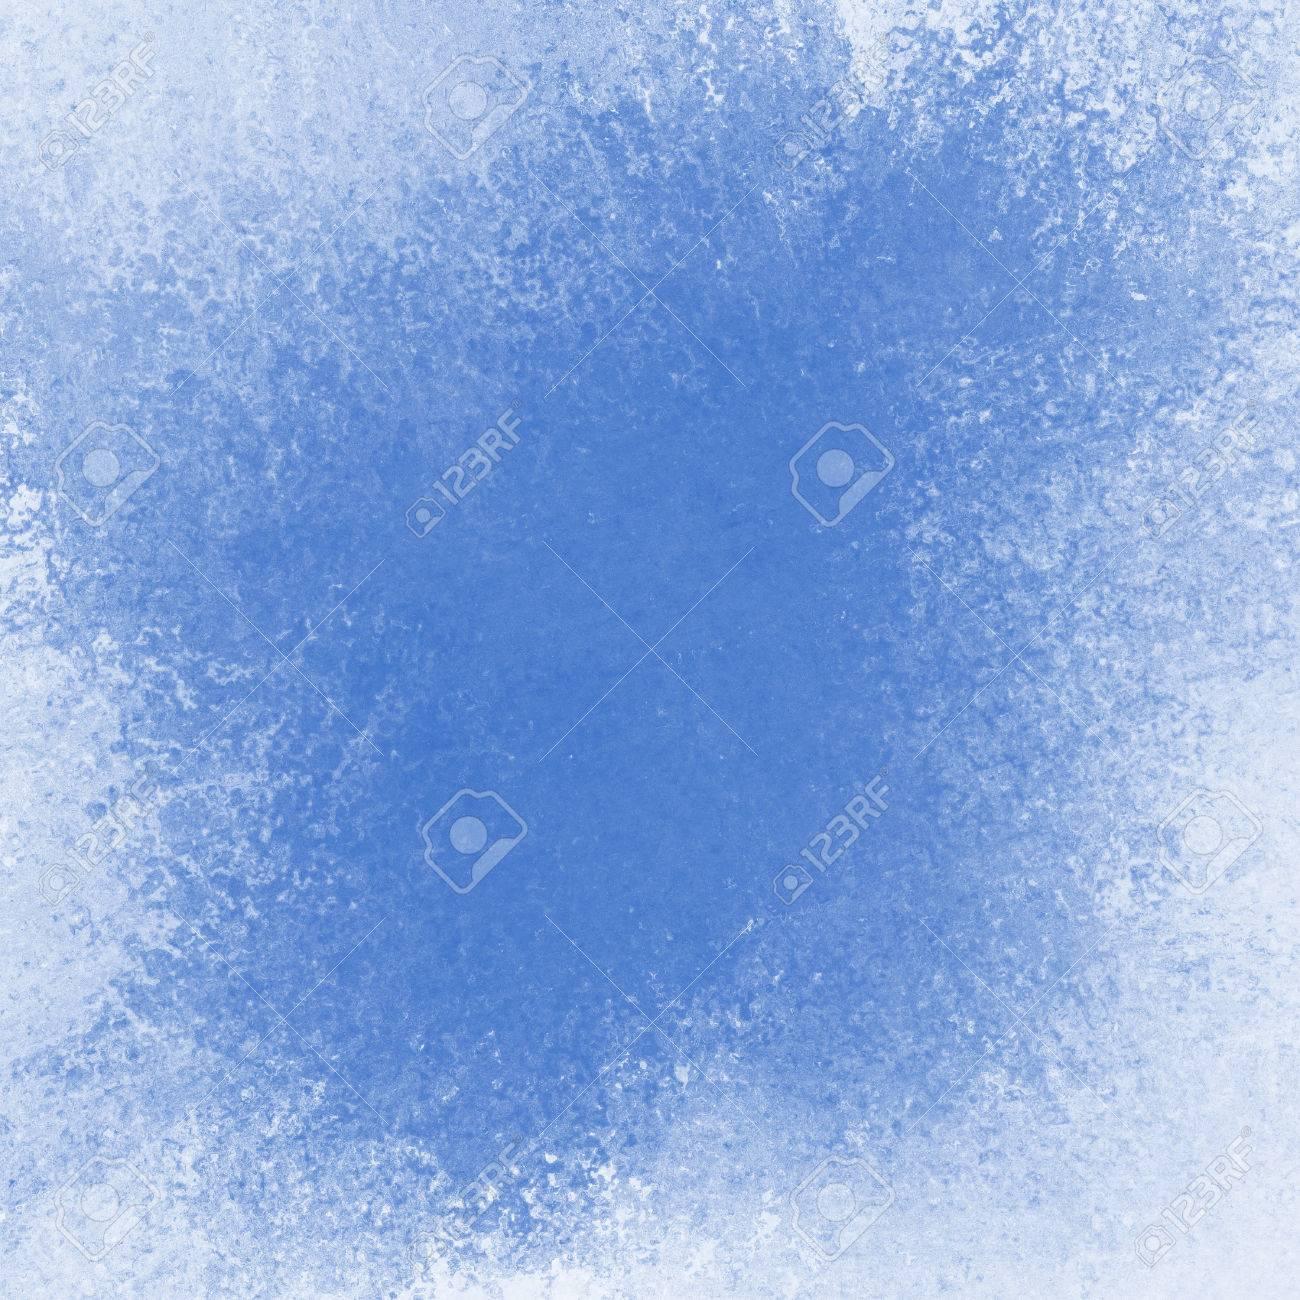 Immagini Stock Sfondo Blu Scuro Sfumato Texture Vintage E Colore